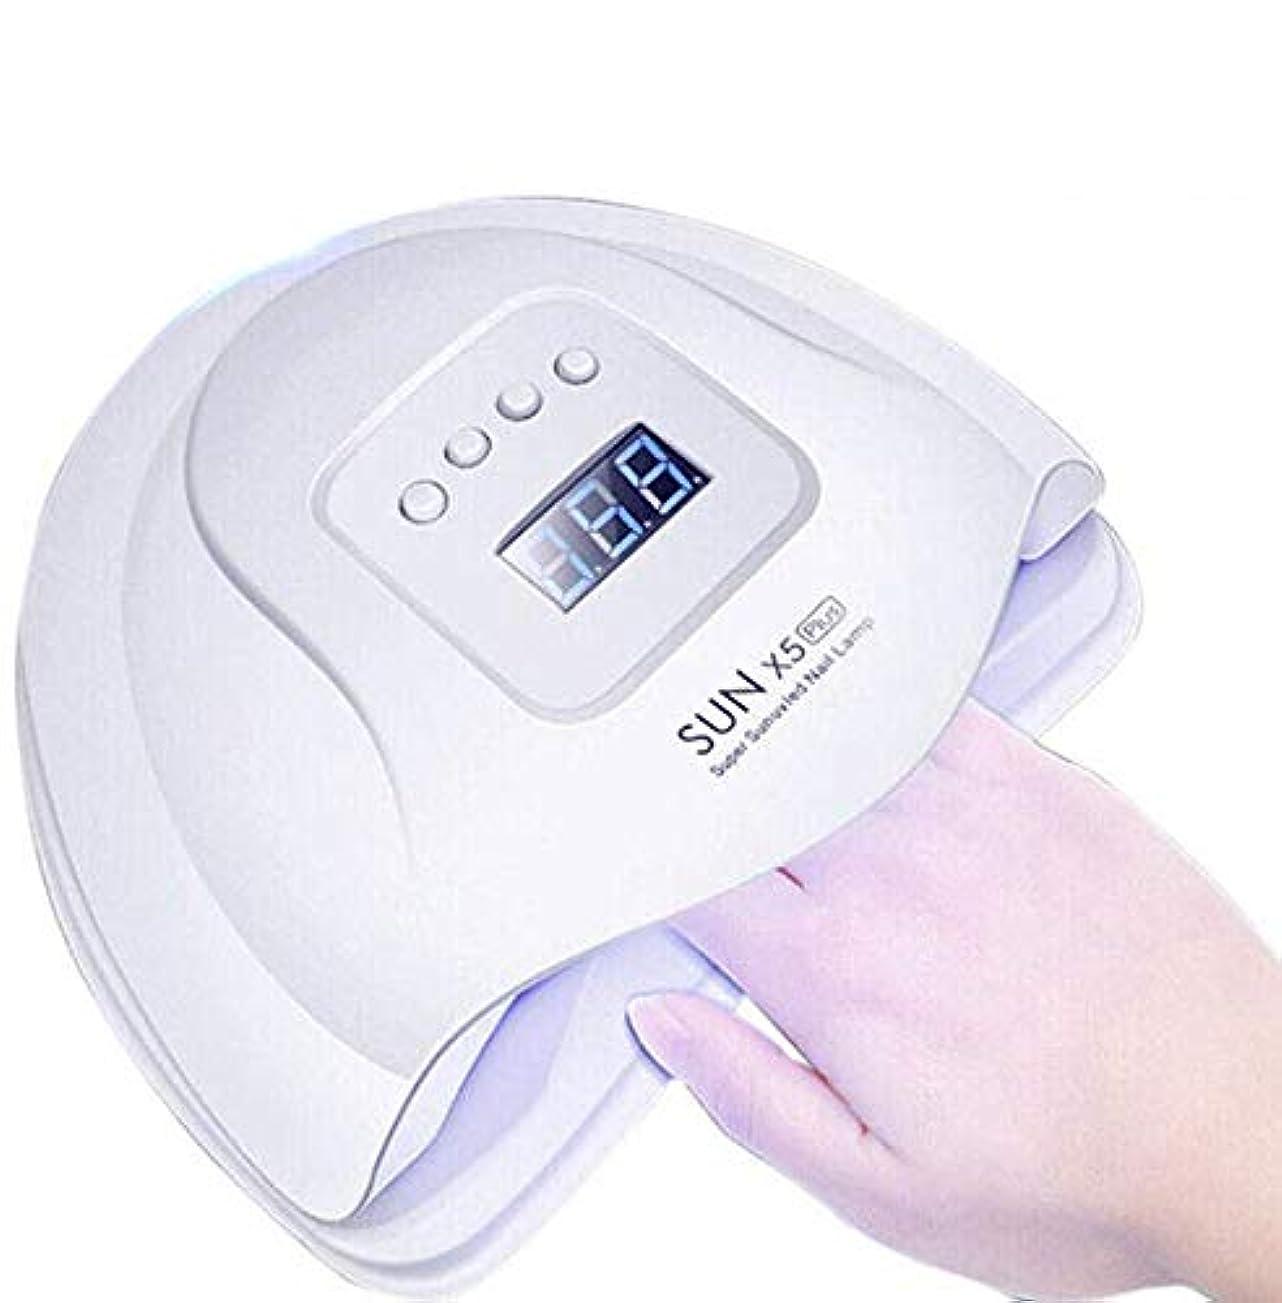 ホイッスルくつろぎ局ネイルドライヤー ジェルネイル ライト UV LED 硬化用UVライト,80W ハイパワー 速乾ネイルランプ LEDジェルポリッシュネイルランプドライヤーマニキュアペディキュア,四つタイマー設定可能,自動センサー機能